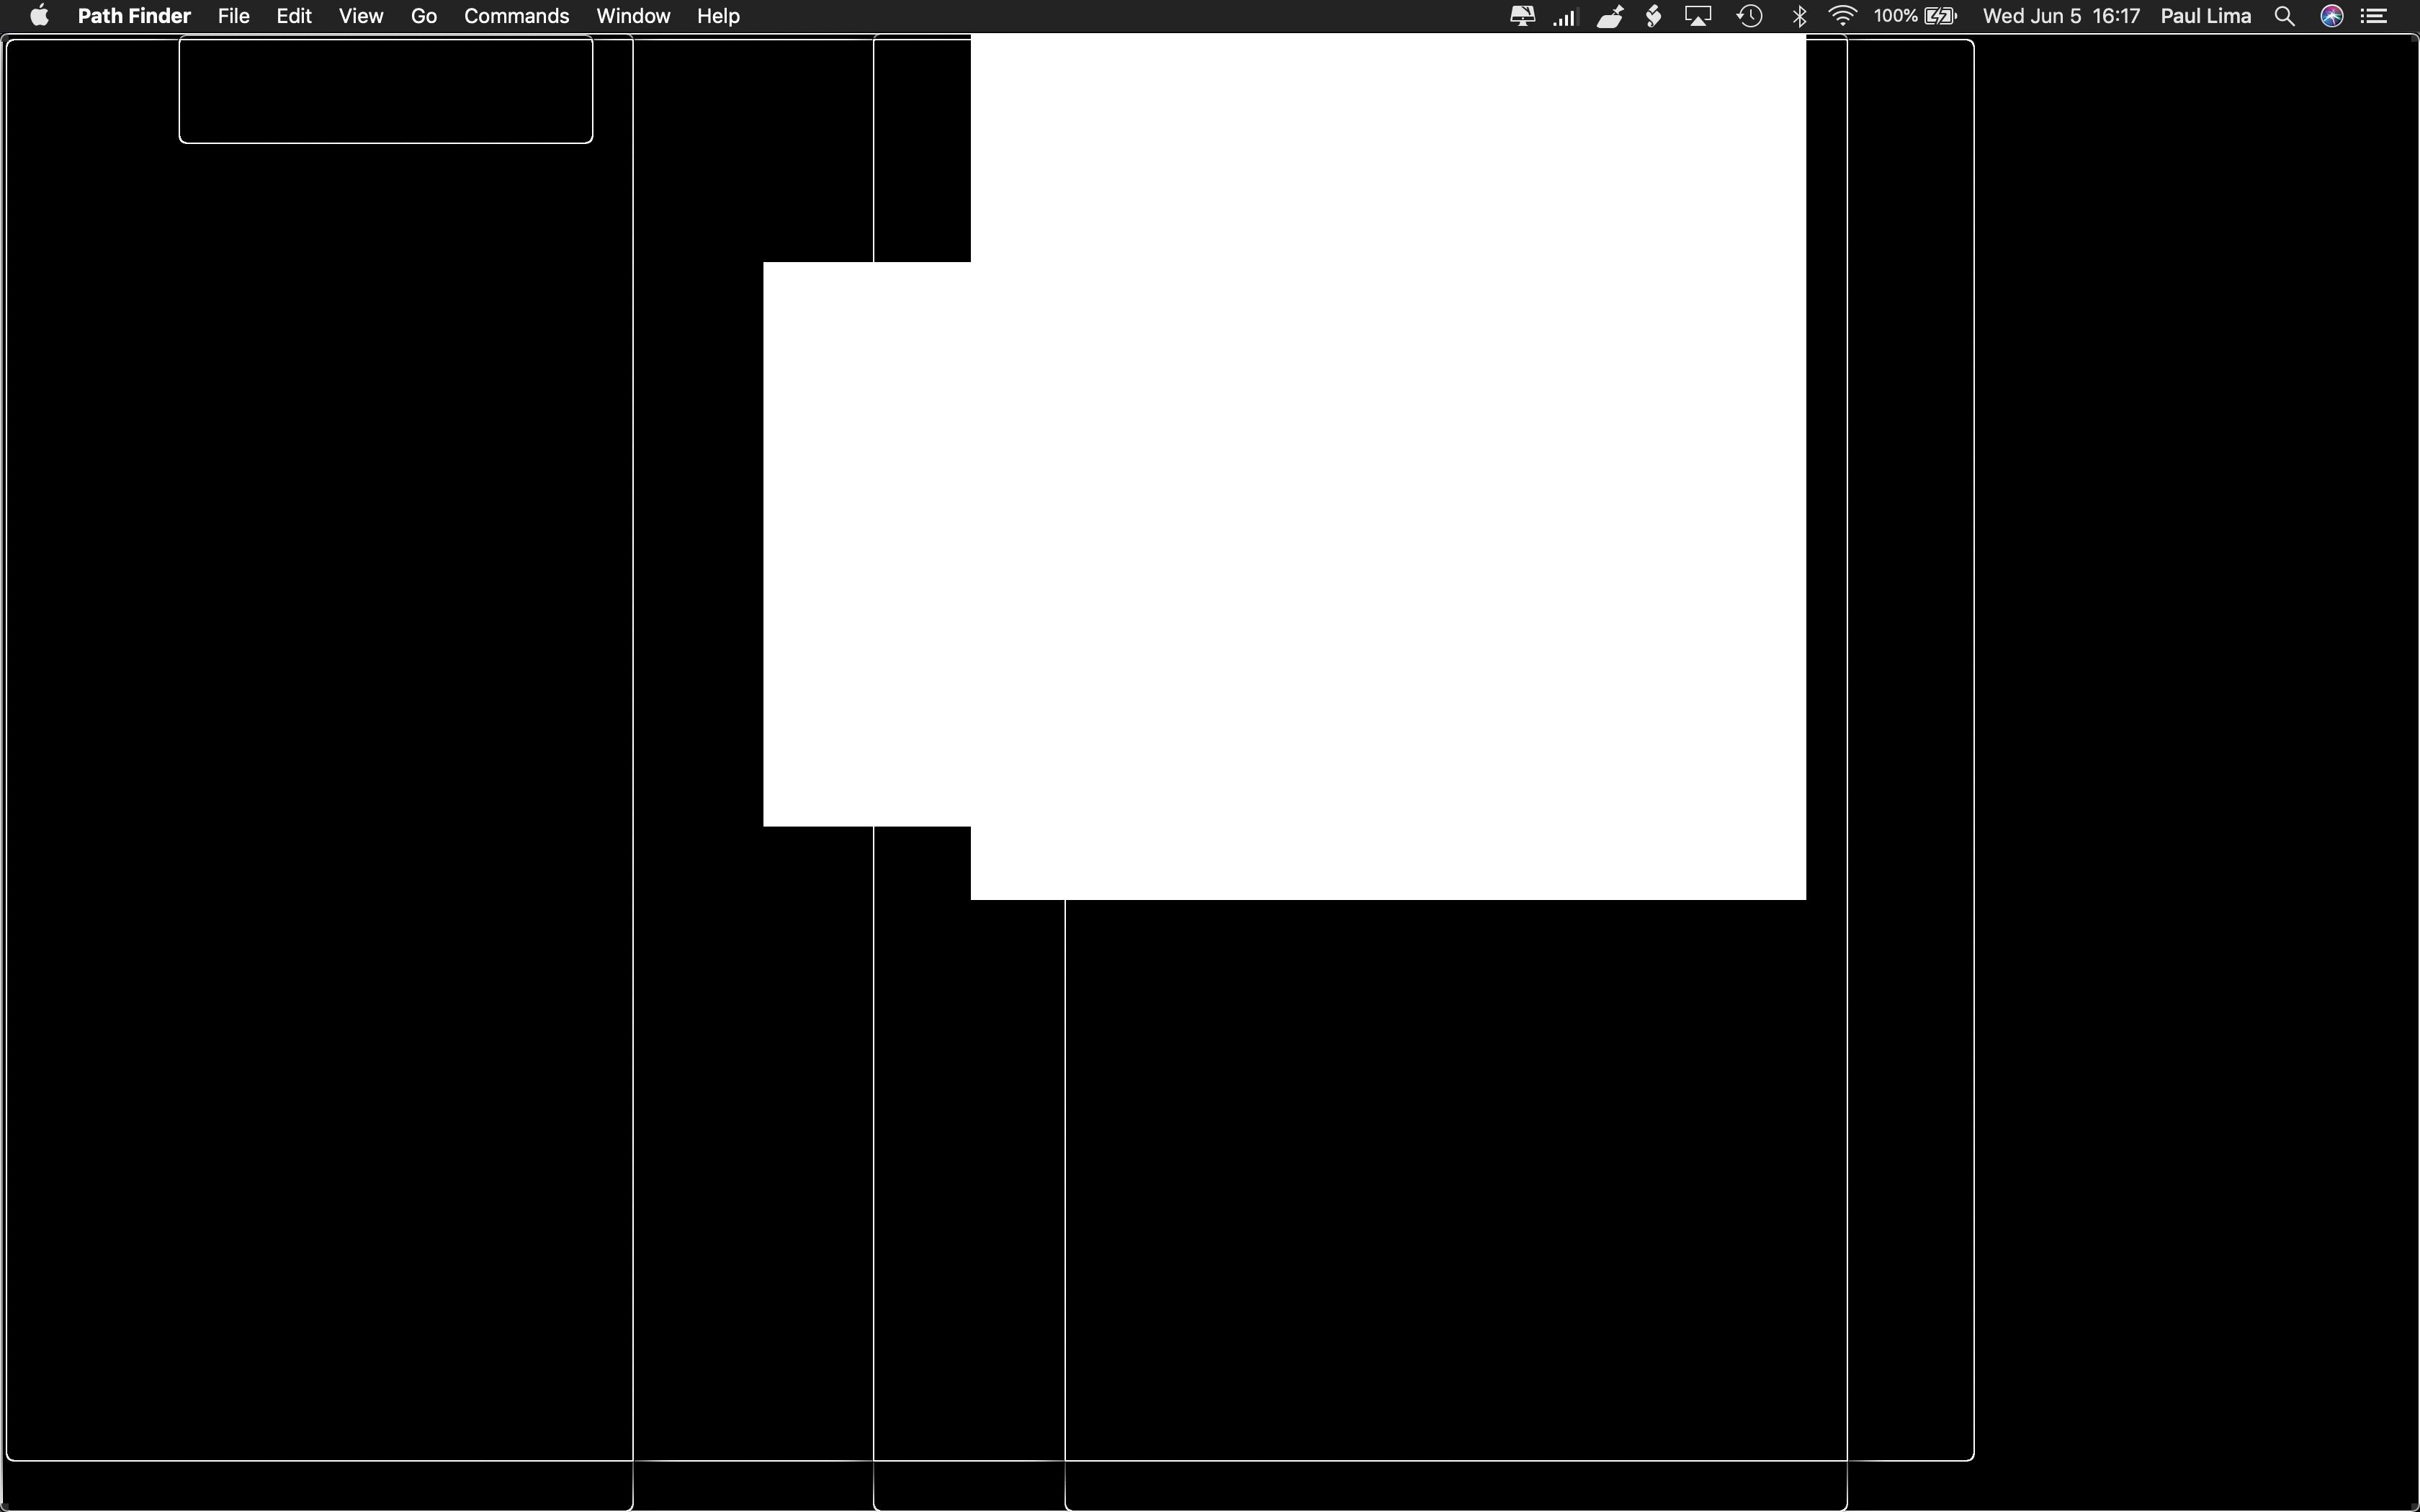 Screen_shot_2019-06-05_at_16.17.21_